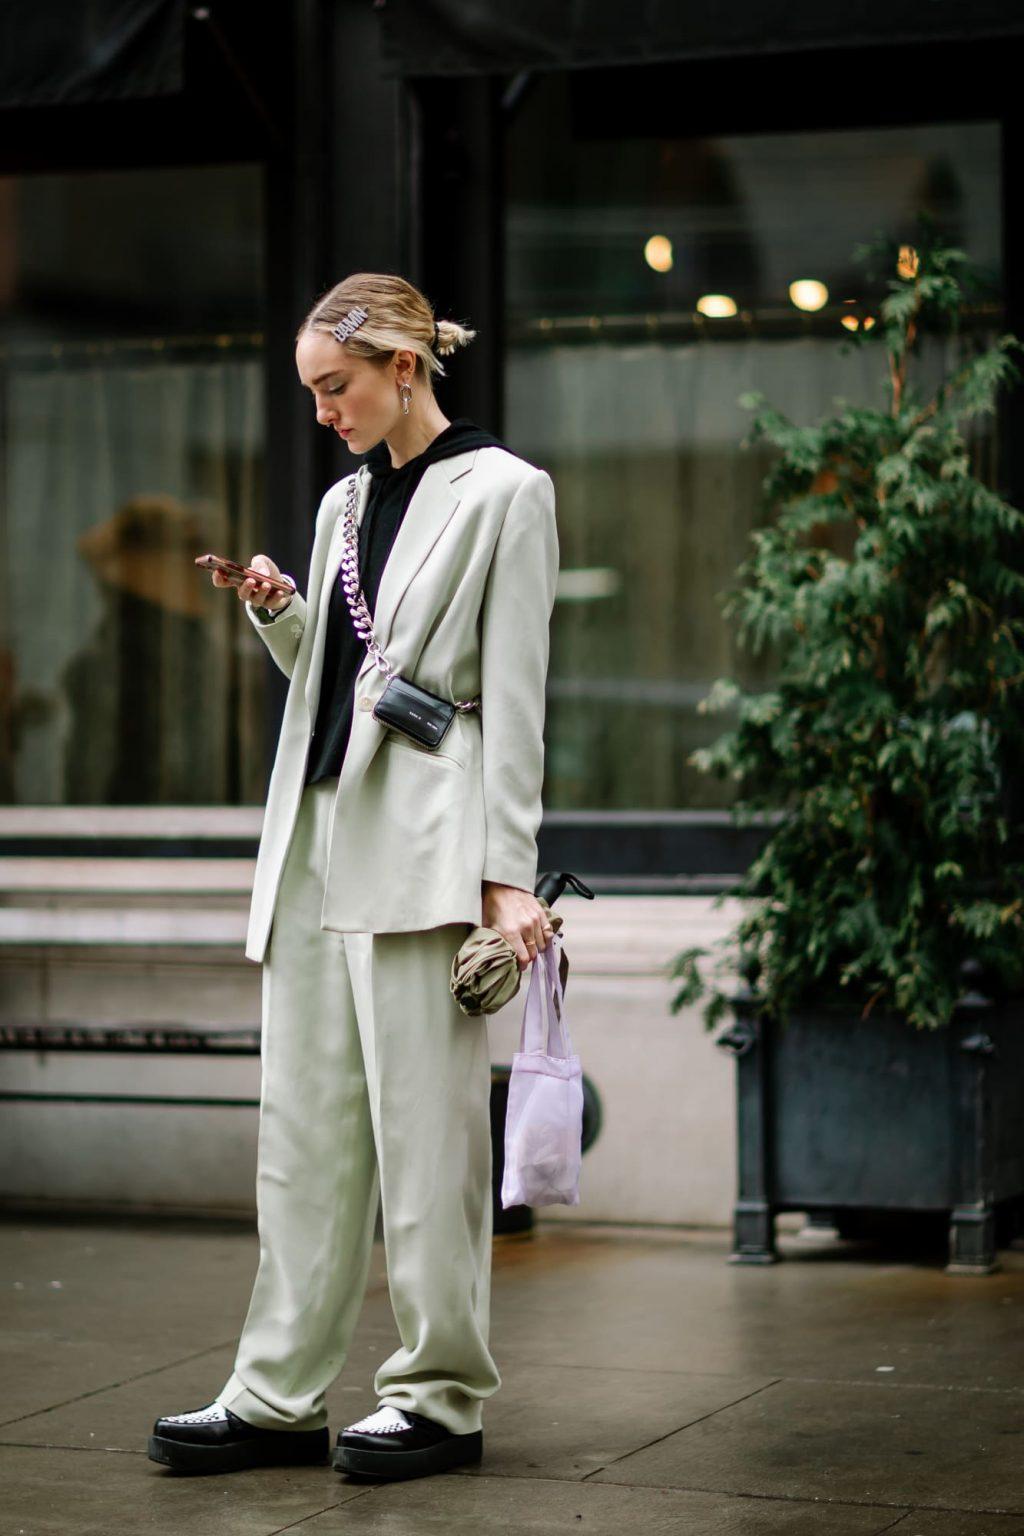 """xu hướng thời trang đường phố hứa hẹn sẽ """"khuấy động"""" làng mốt 6"""